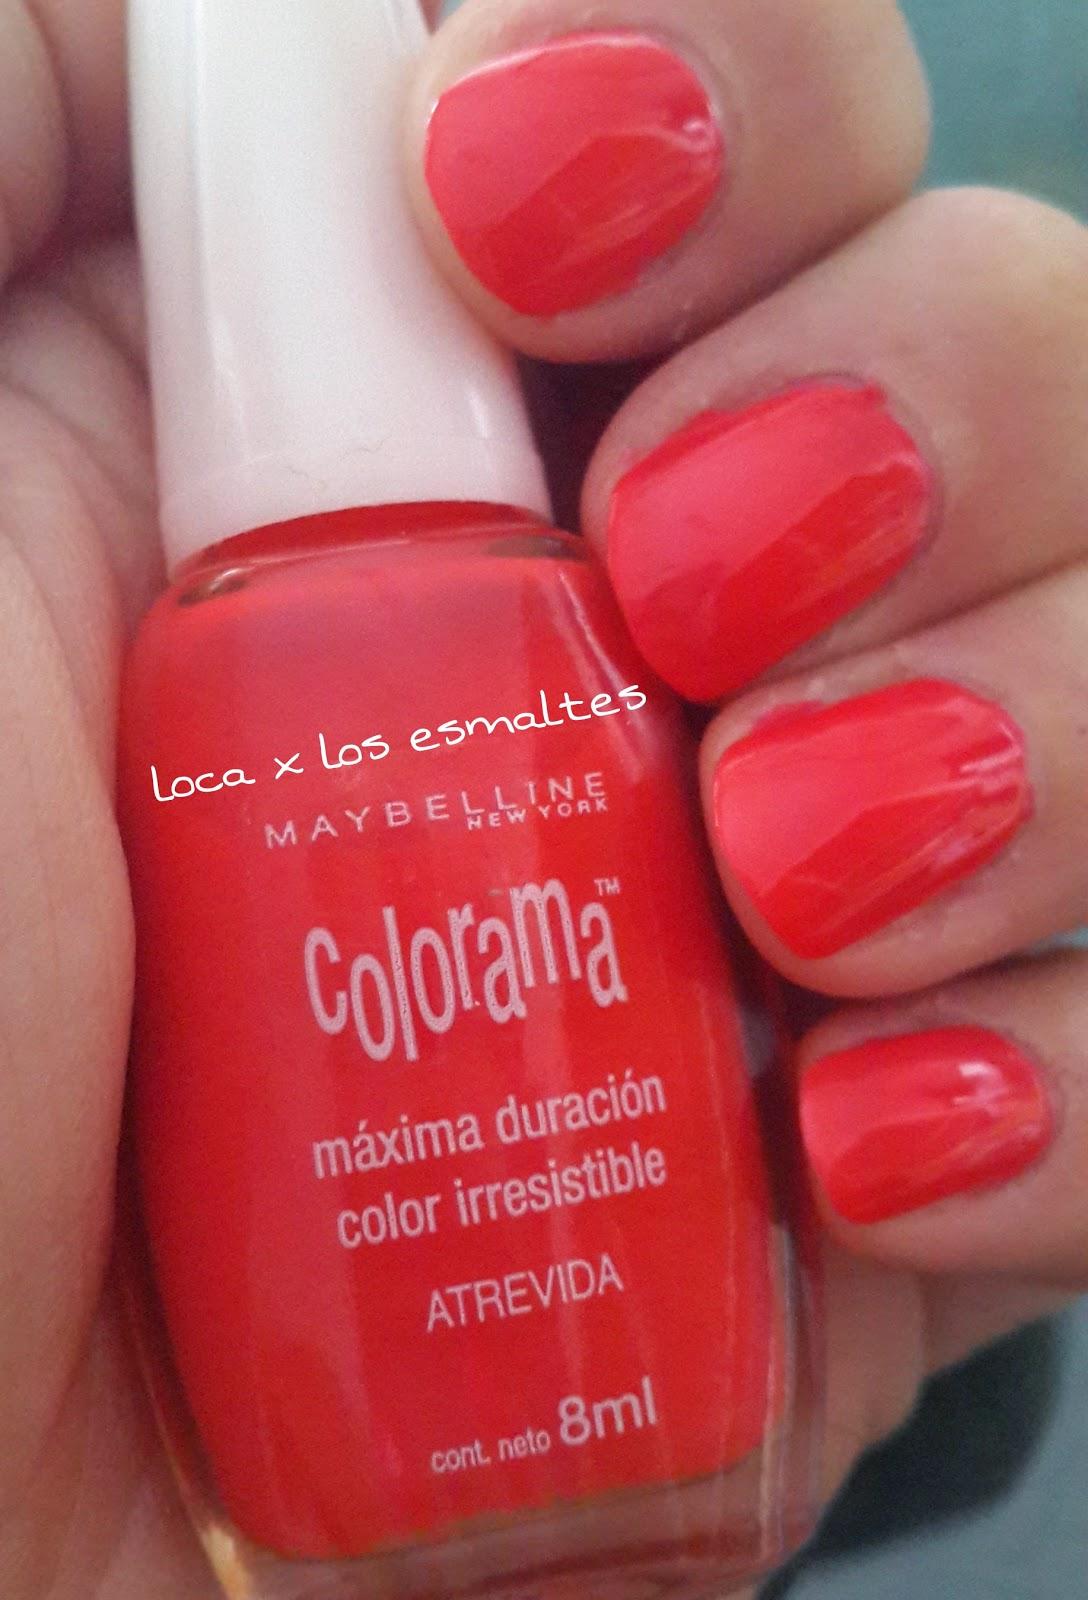 Loca X Los Esmaltes..: Atrevida- Colorama